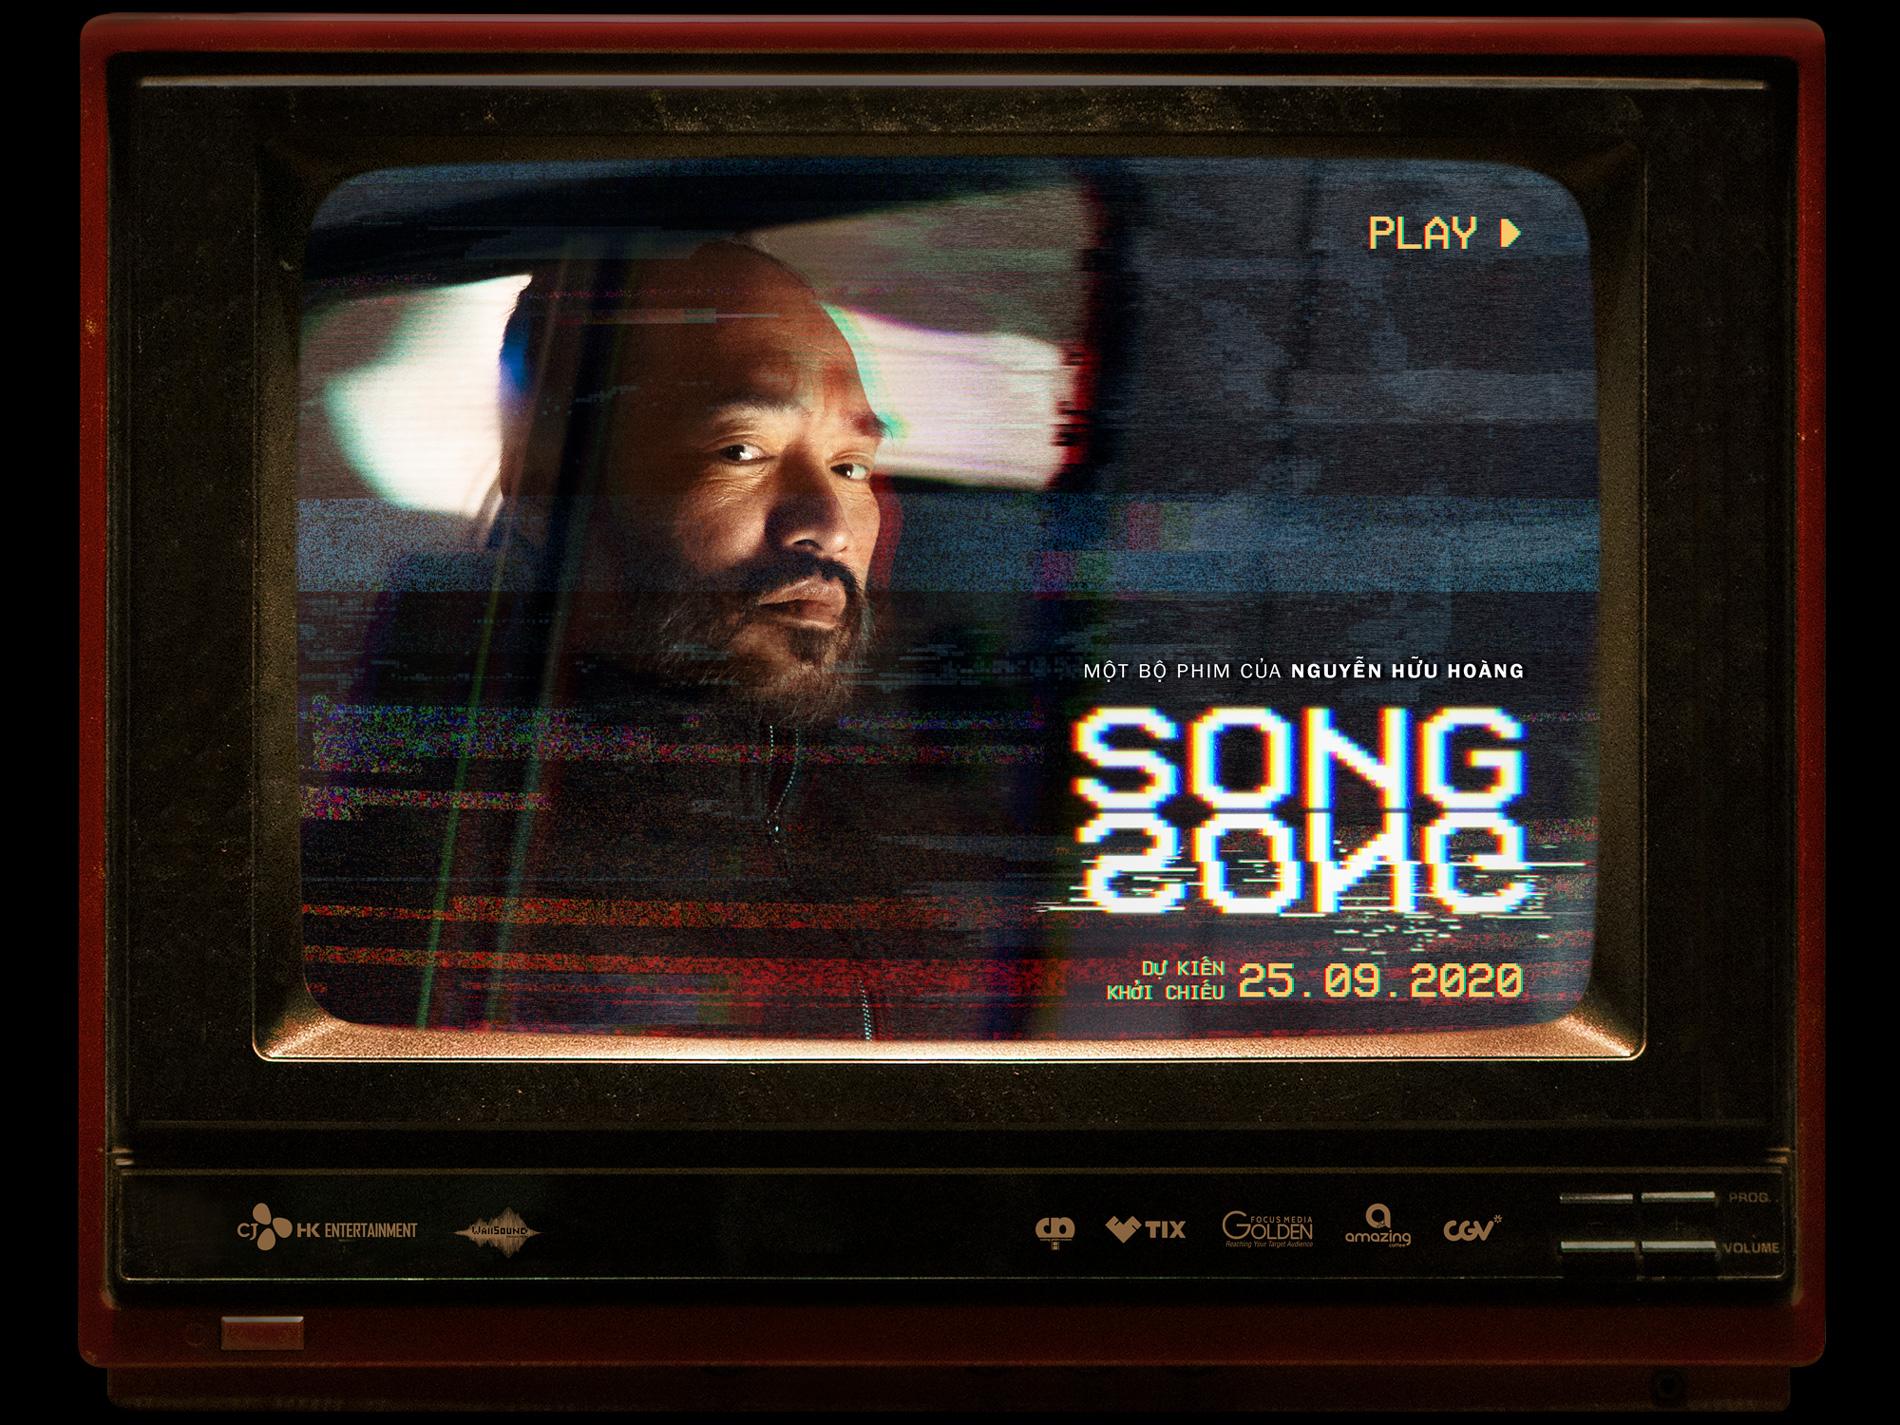 Xuất hiện chớp nhoáng trong trailer 'Song Song',Nhã Phương vẫn để lại cho khán giả vô số câu hỏi lớn 4